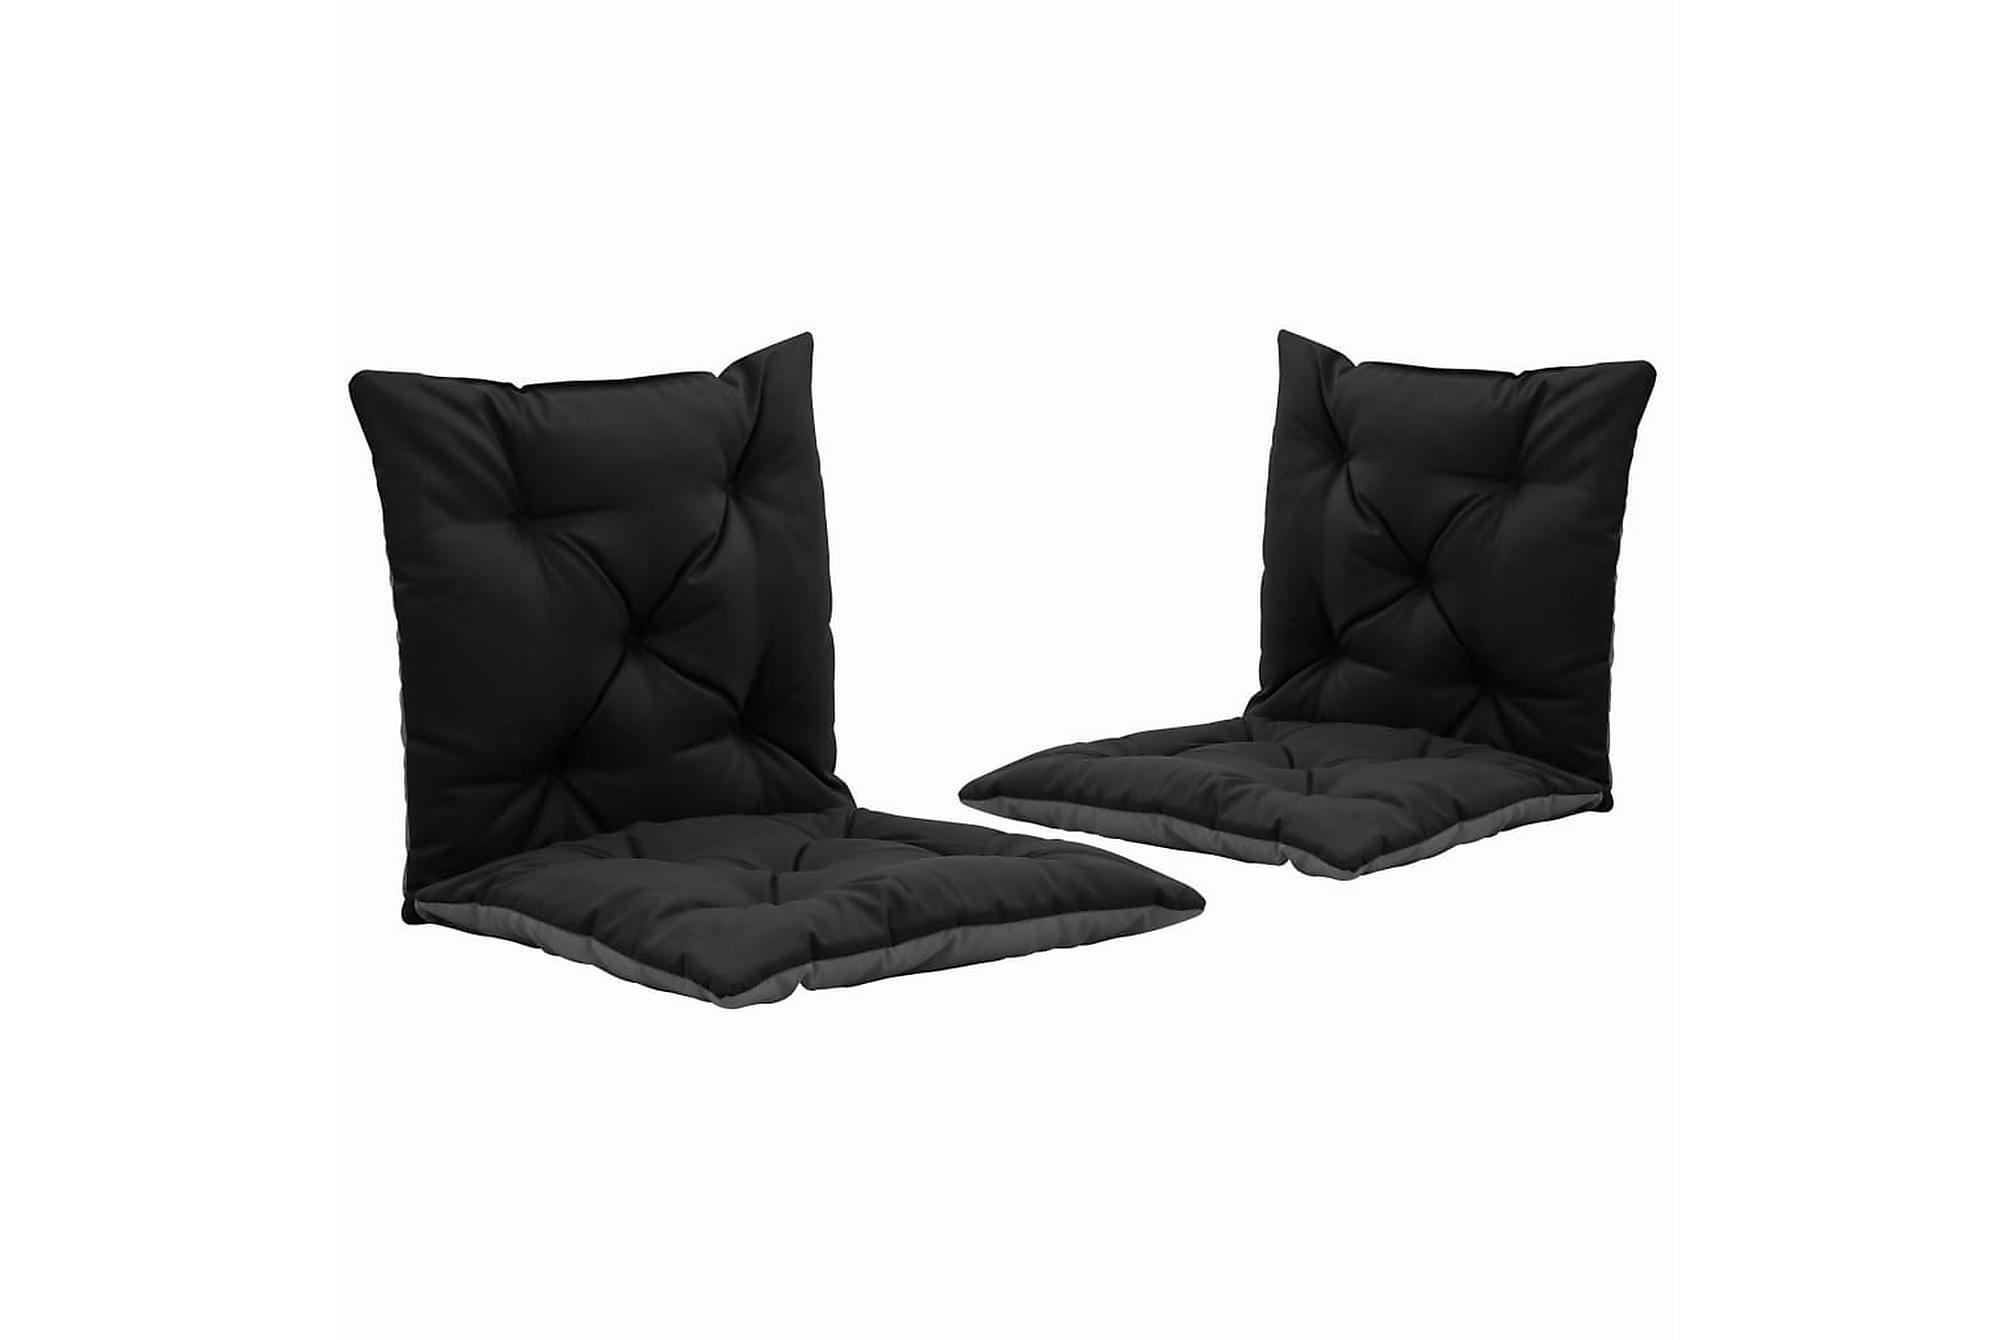 Dynor för hammock 2 st svart och grå 50 cm tyg, Hammockdynor